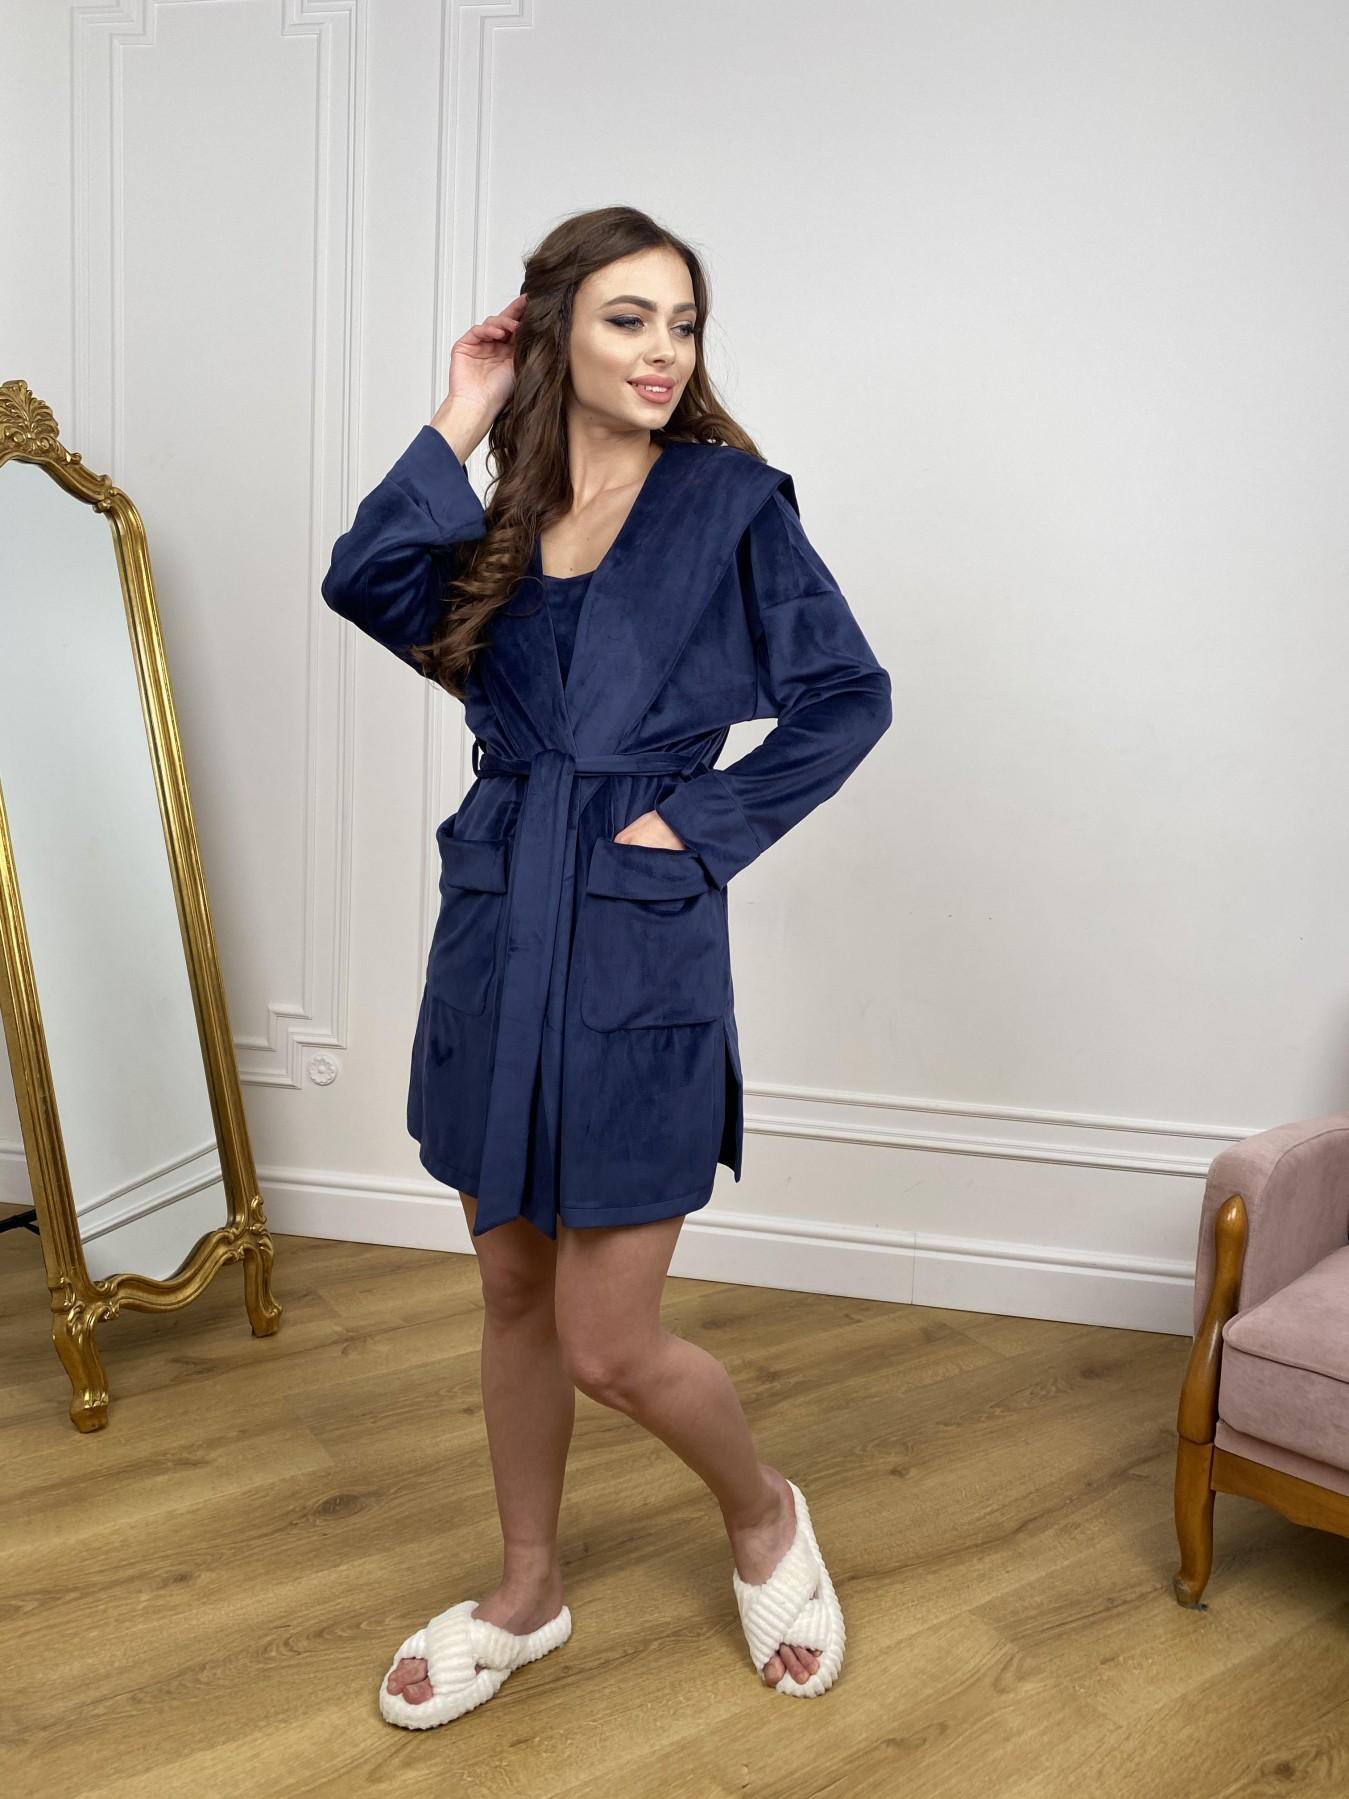 Фабьен халат из  велюровой ткани  10483 АРТ. 46839 Цвет: т. синий - фото 4, интернет магазин tm-modus.ru